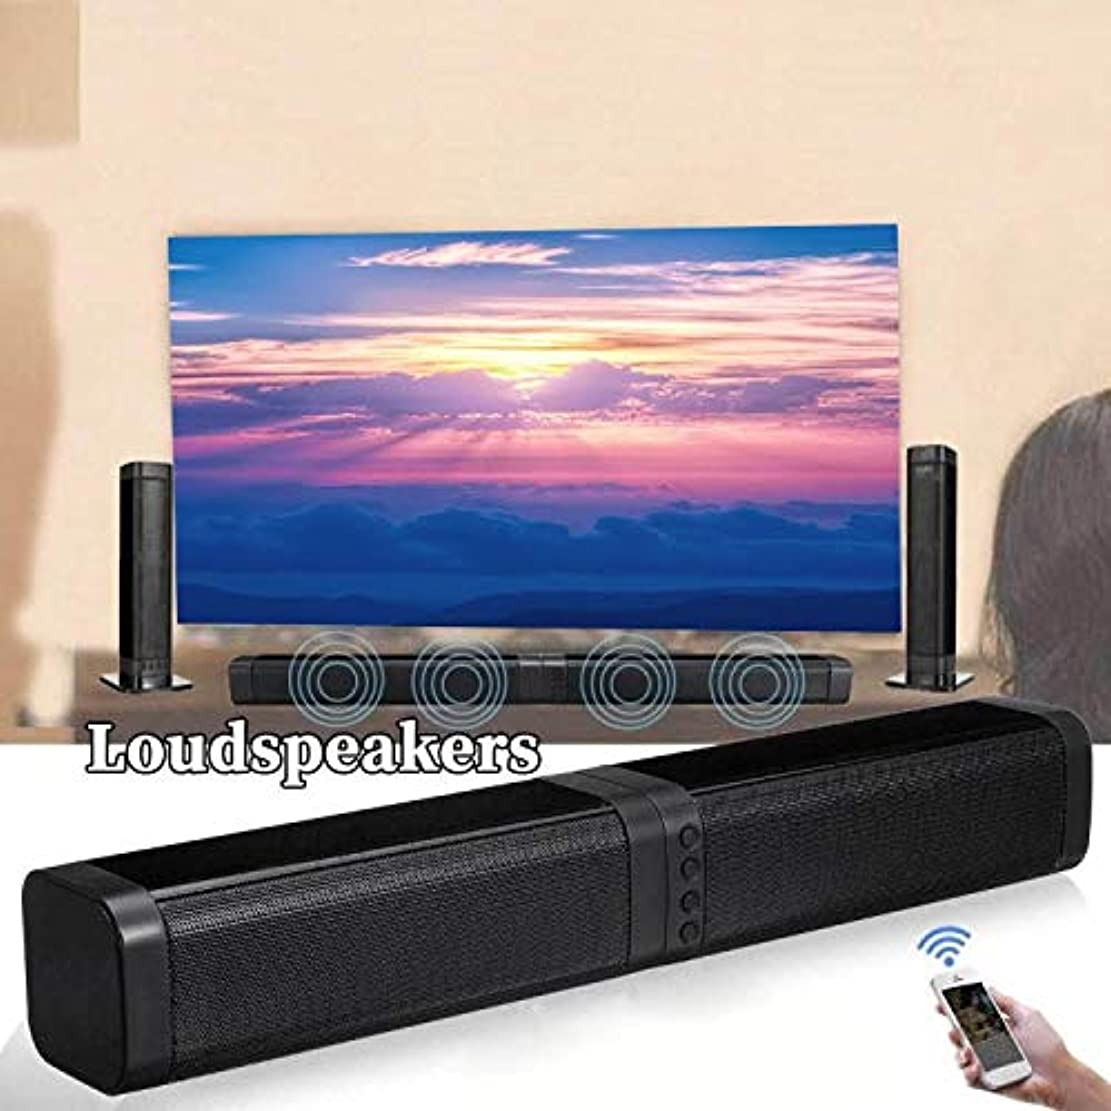 現代のマーチャンダイジングブラシBluetoothスピーカー 3Dステレオ効果テレビのホームワイヤレスサウンドバー可動とのスプライシング